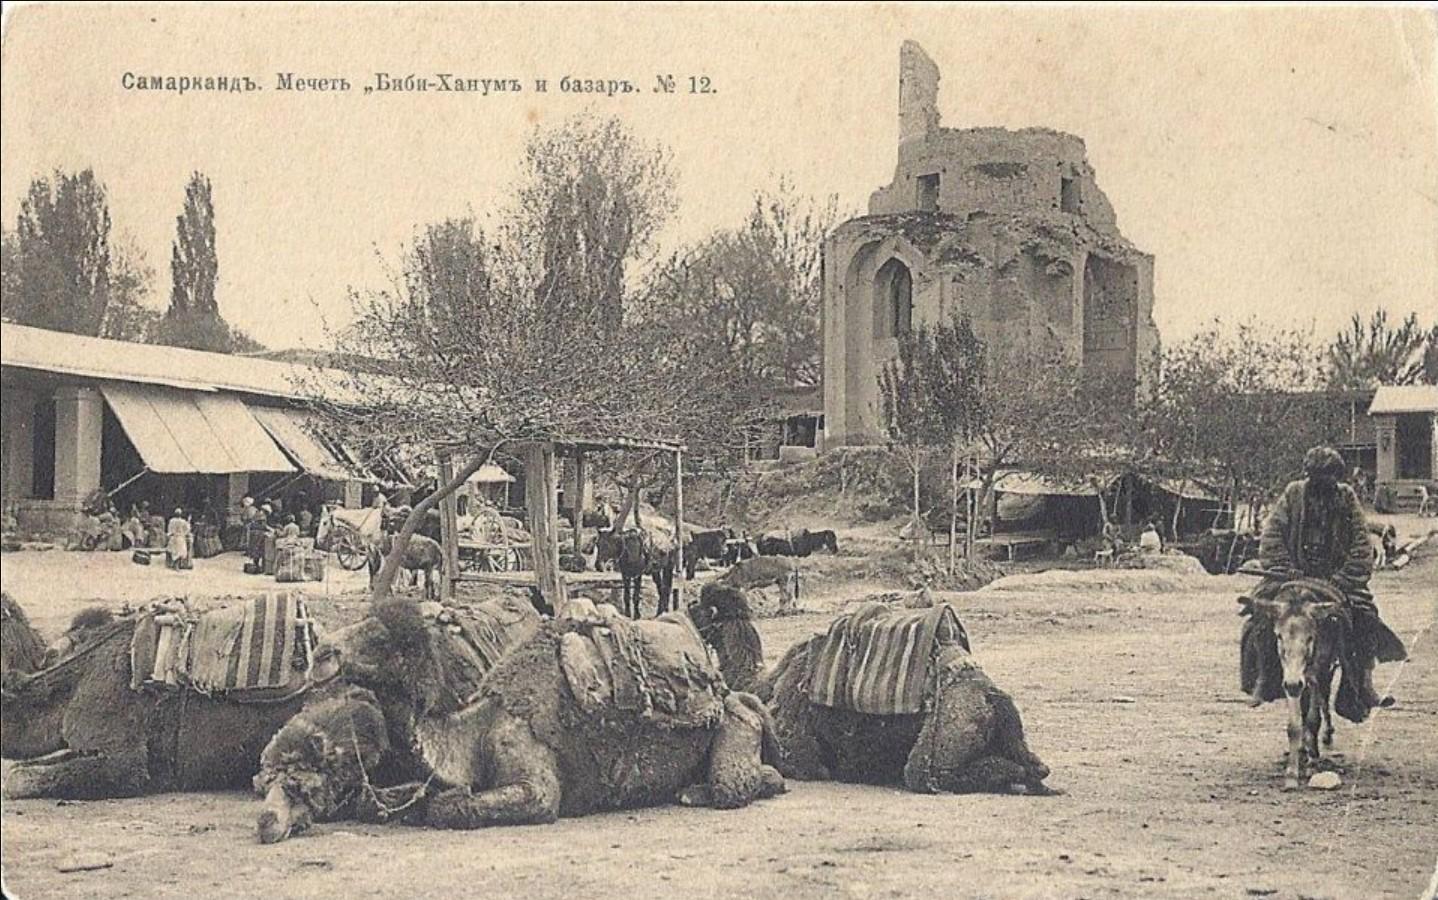 Мечеть Биби-Ханум и базар